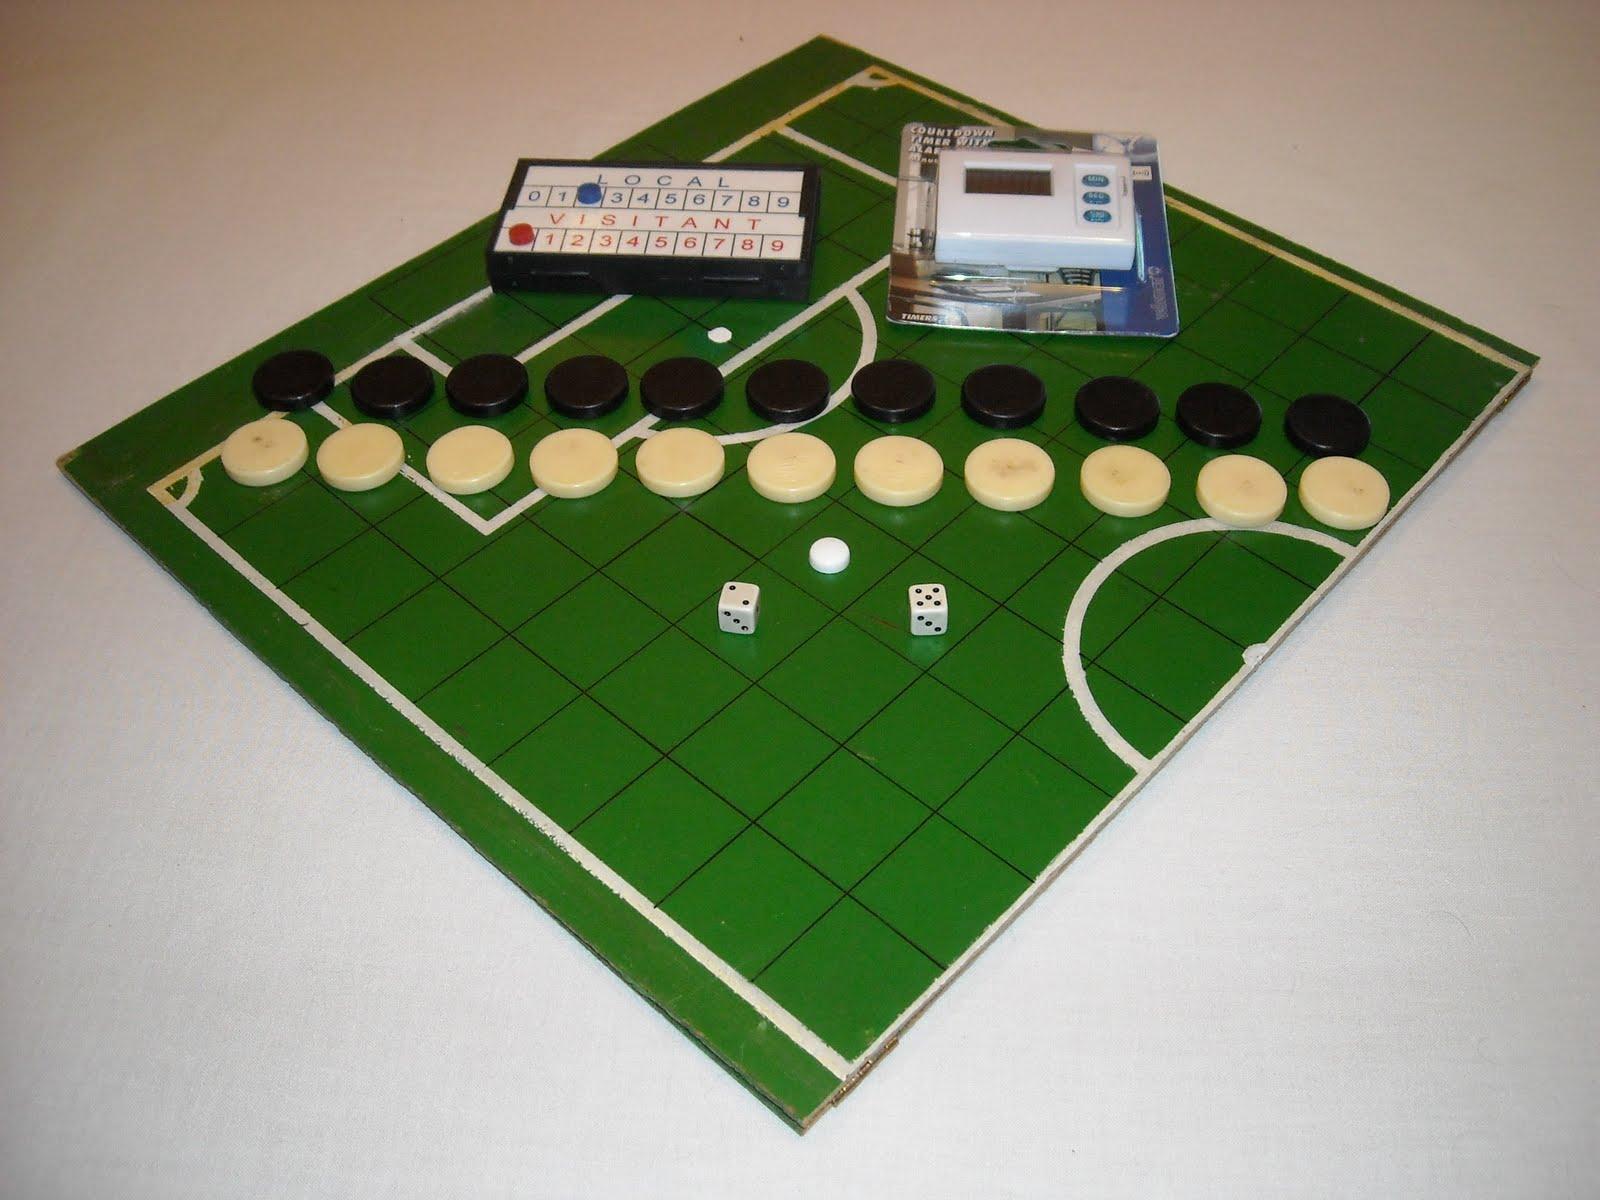 Futbol fusion estilos de futbol de mesa futbol de dados for Juego de mesa de futbol